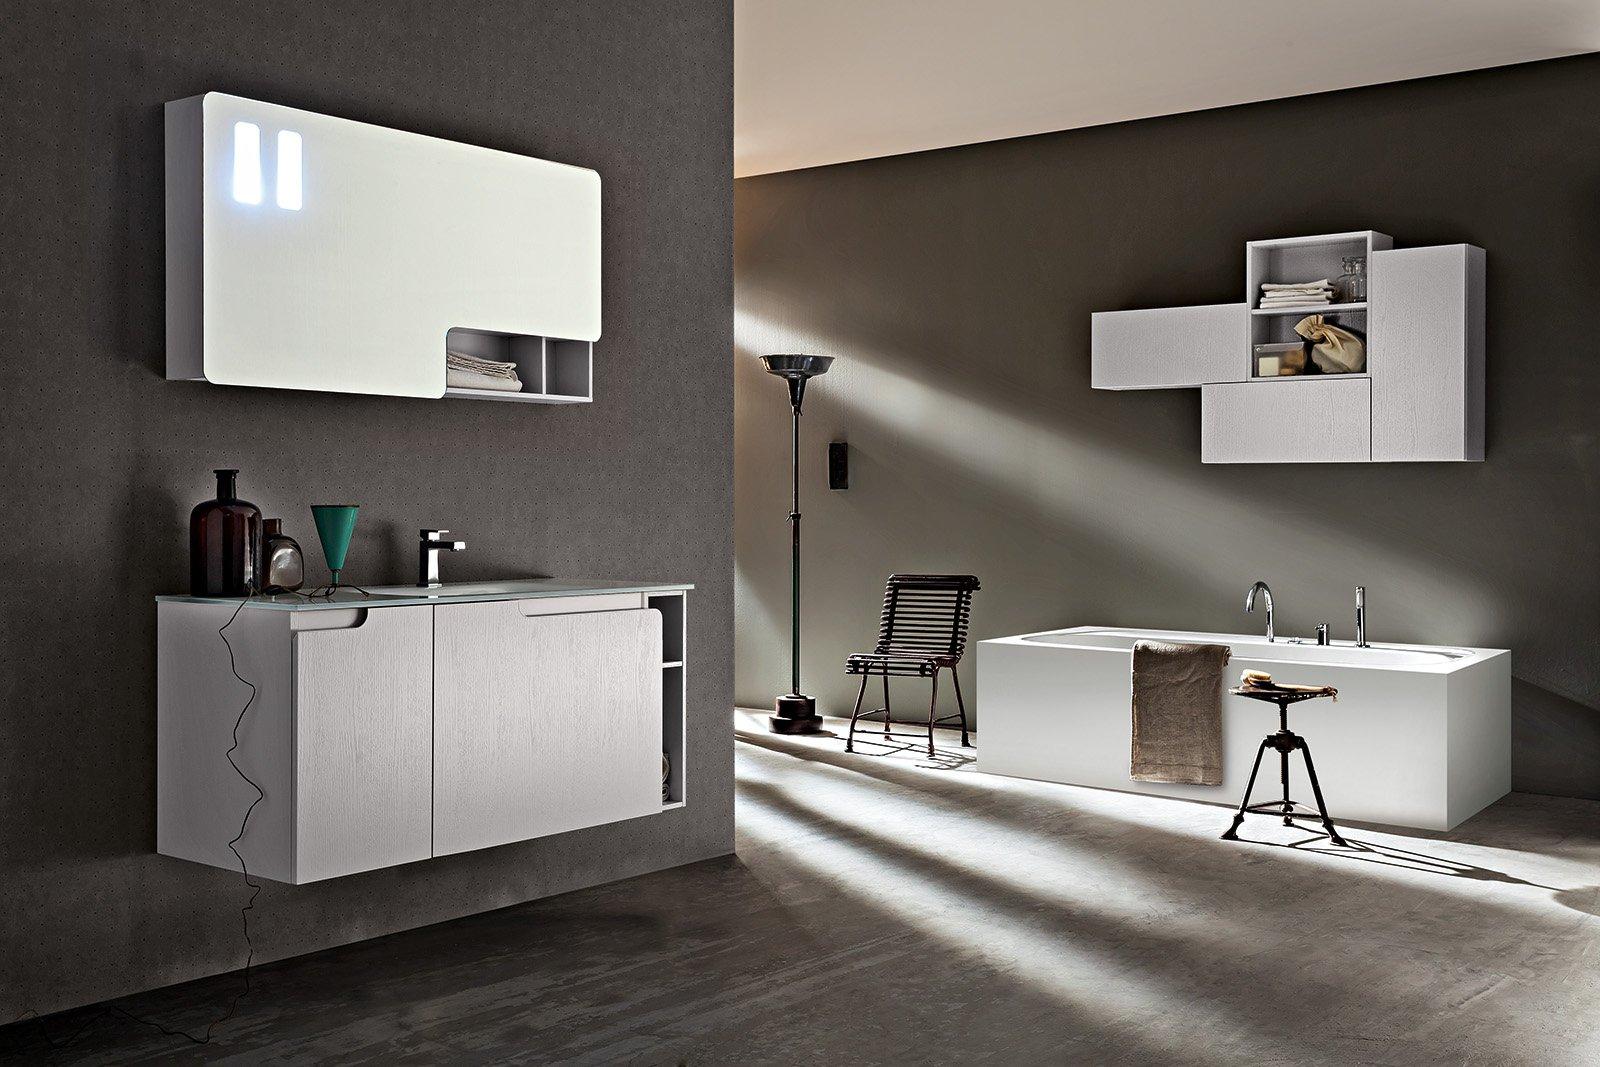 Specchi per il bagno cose di casa - Applique per il bagno ...